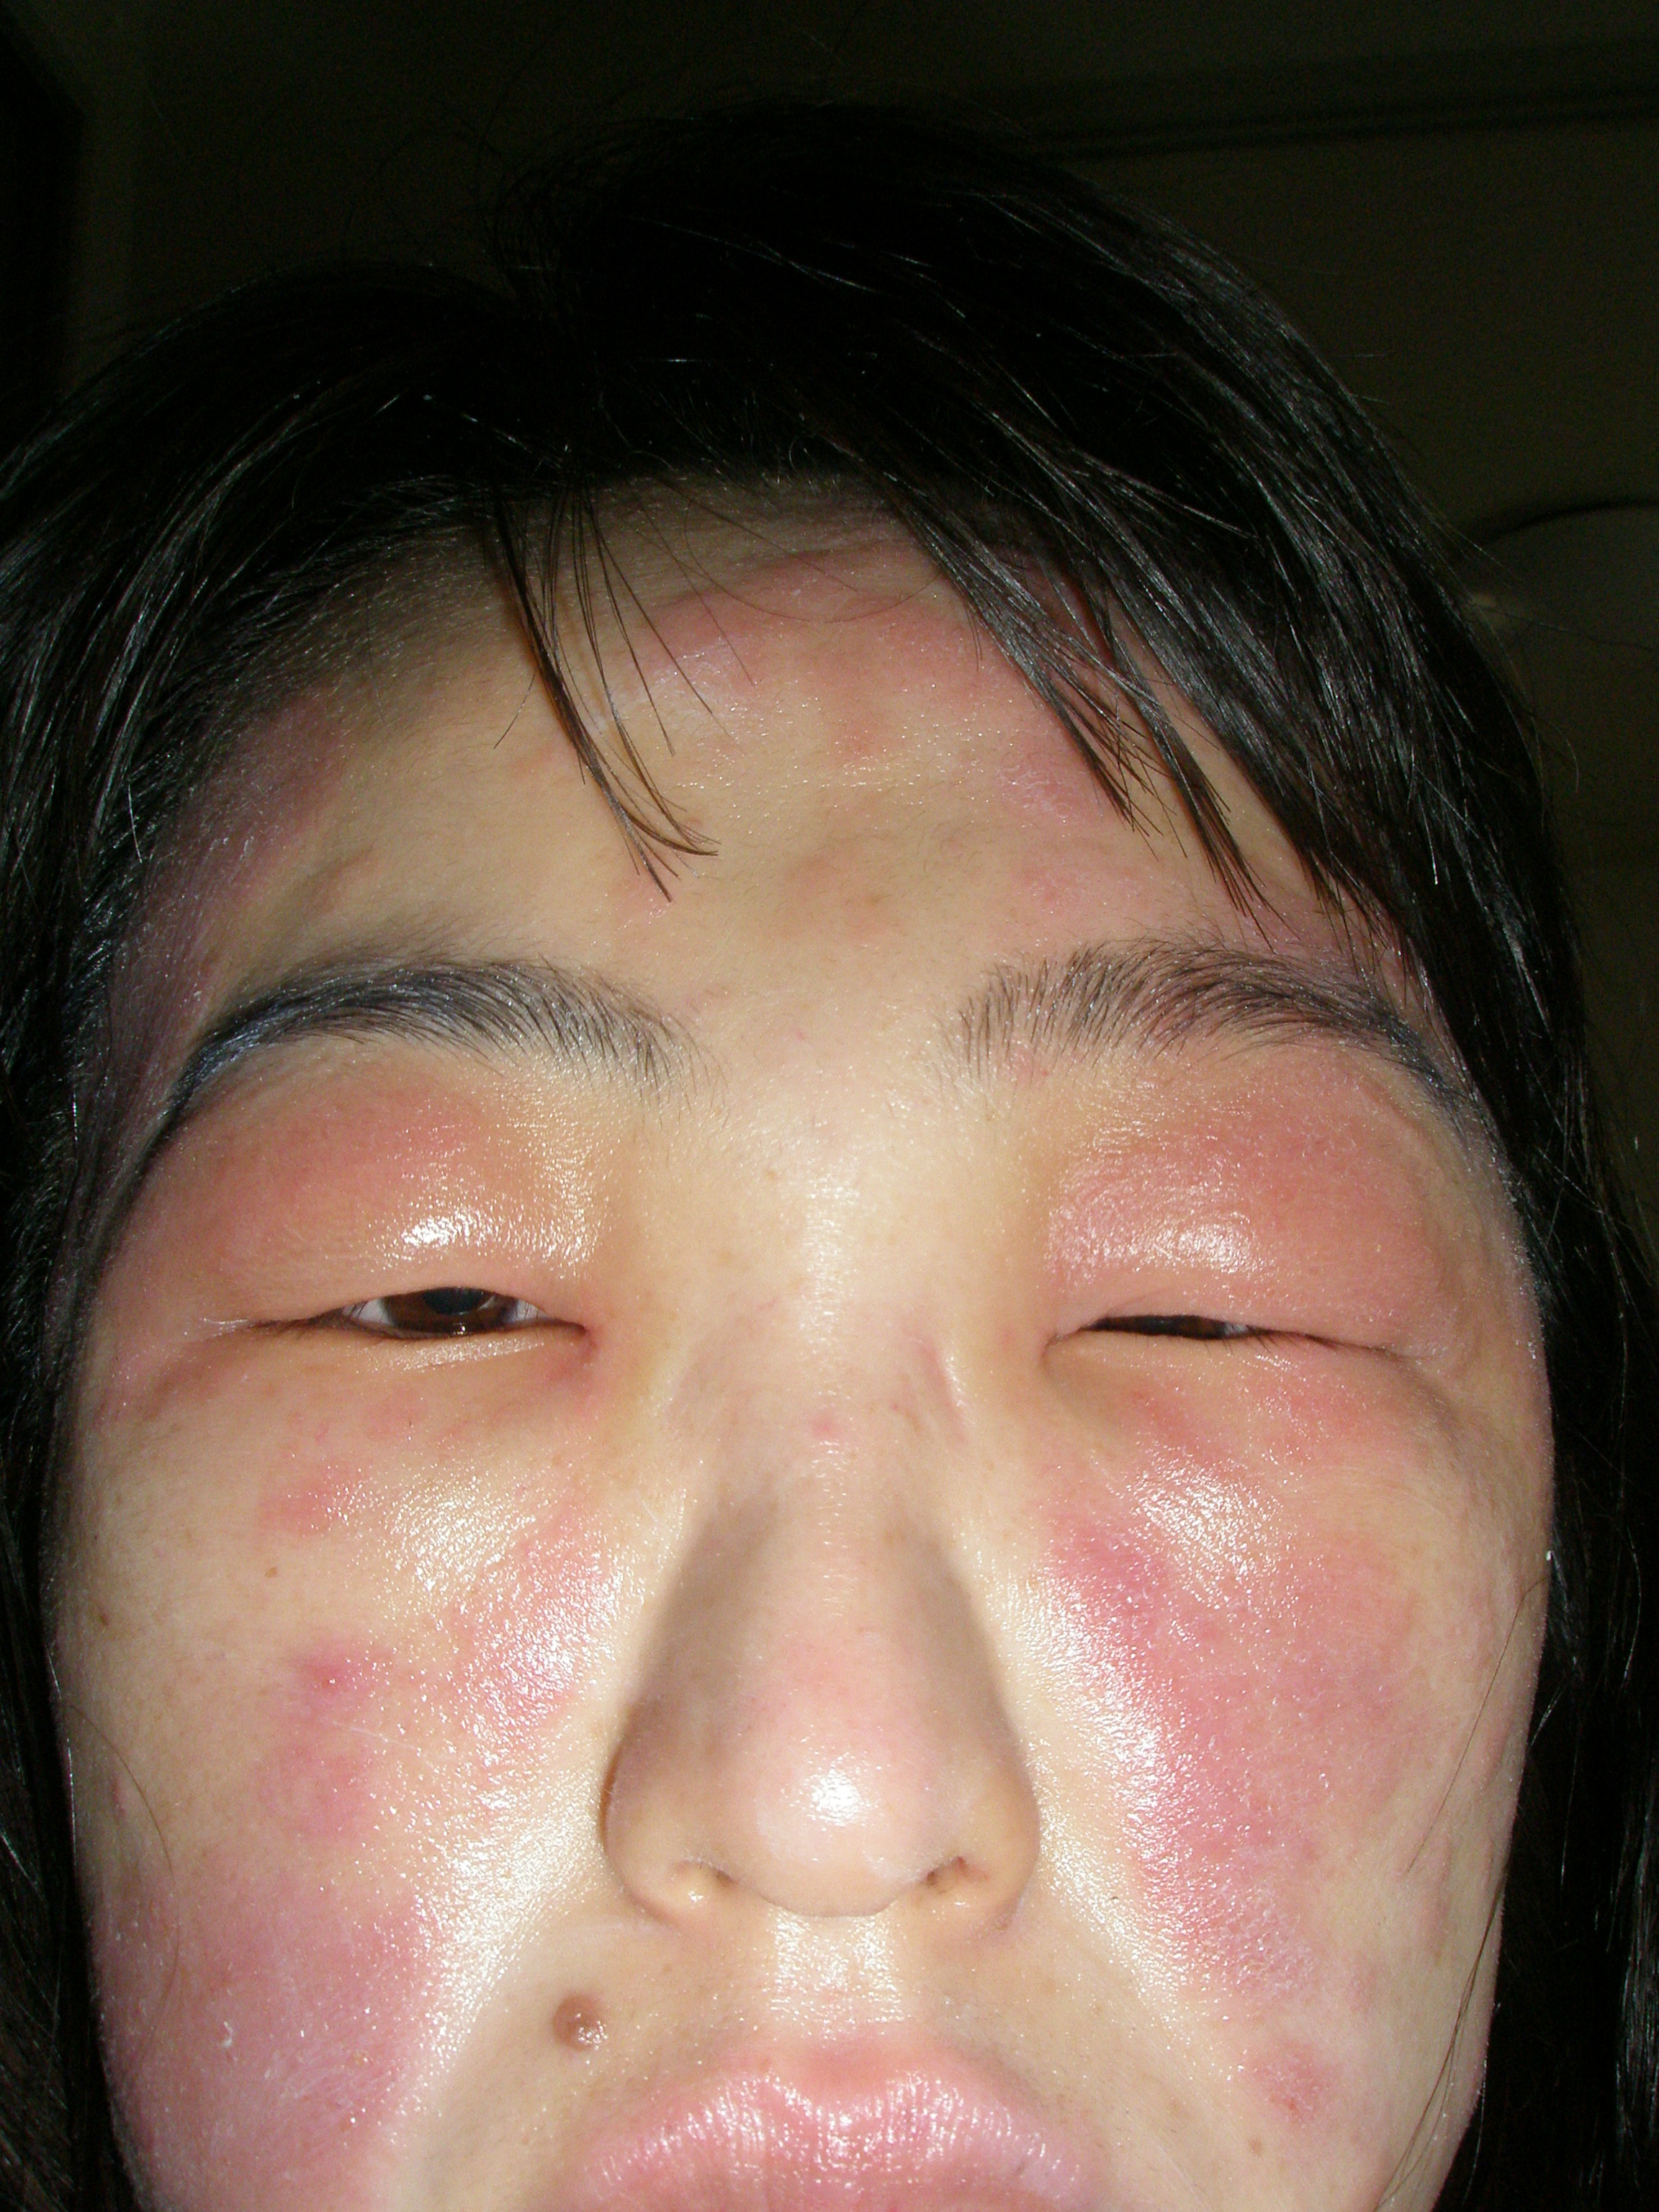 は コリン と 蕁 性 麻疹